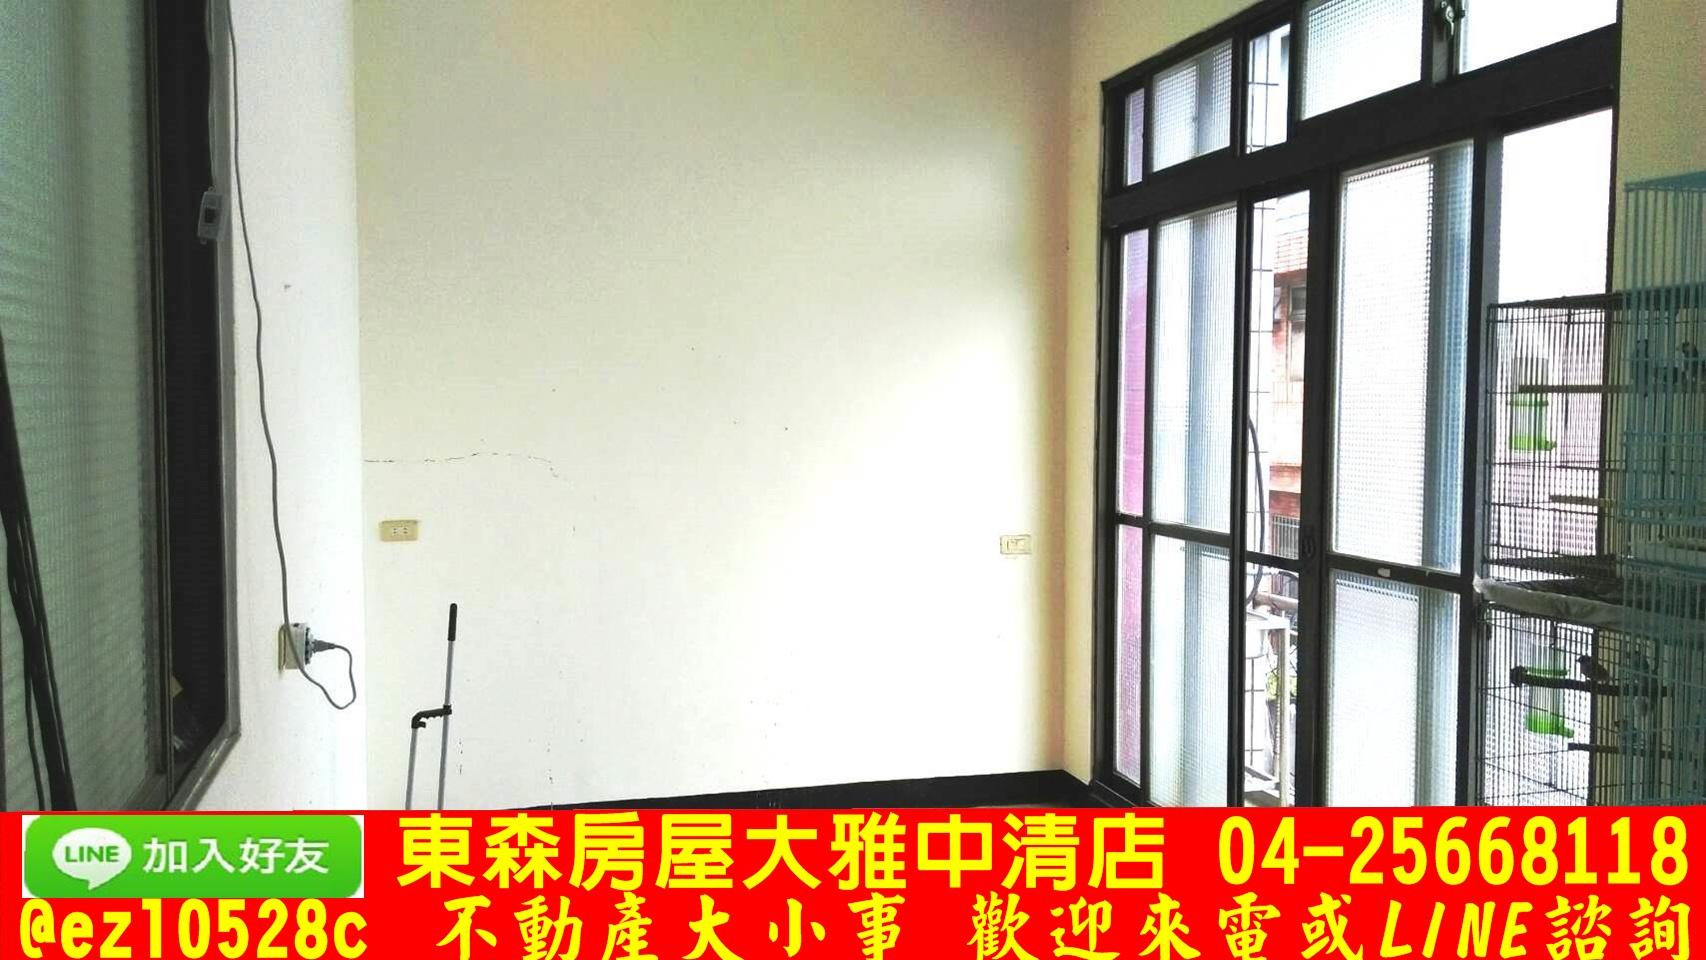 東森房屋大雅中清店-小資2樓透天